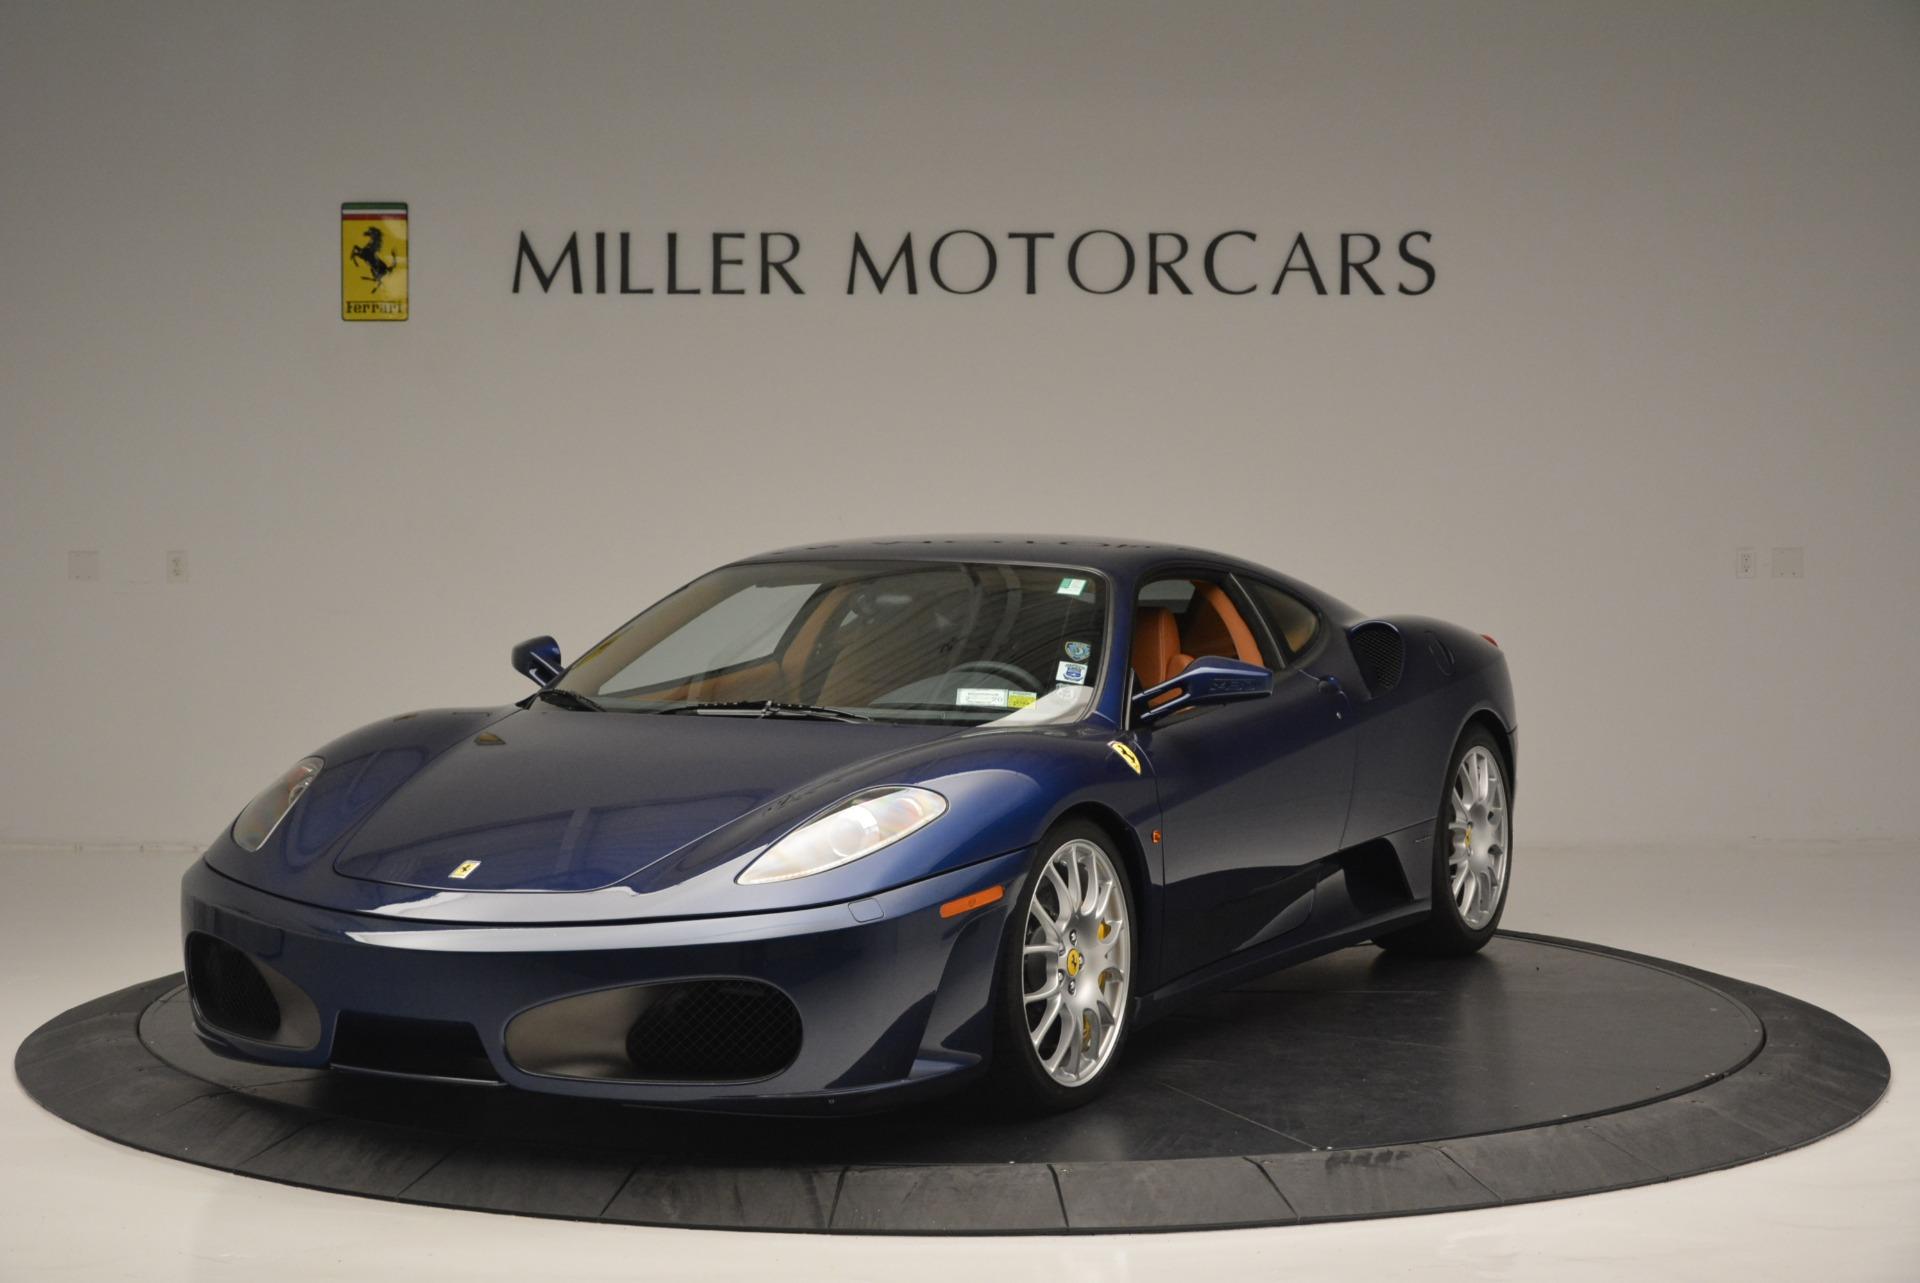 Used 2009 Ferrari F430 6-Speed Manual for sale Sold at Alfa Romeo of Westport in Westport CT 06880 1